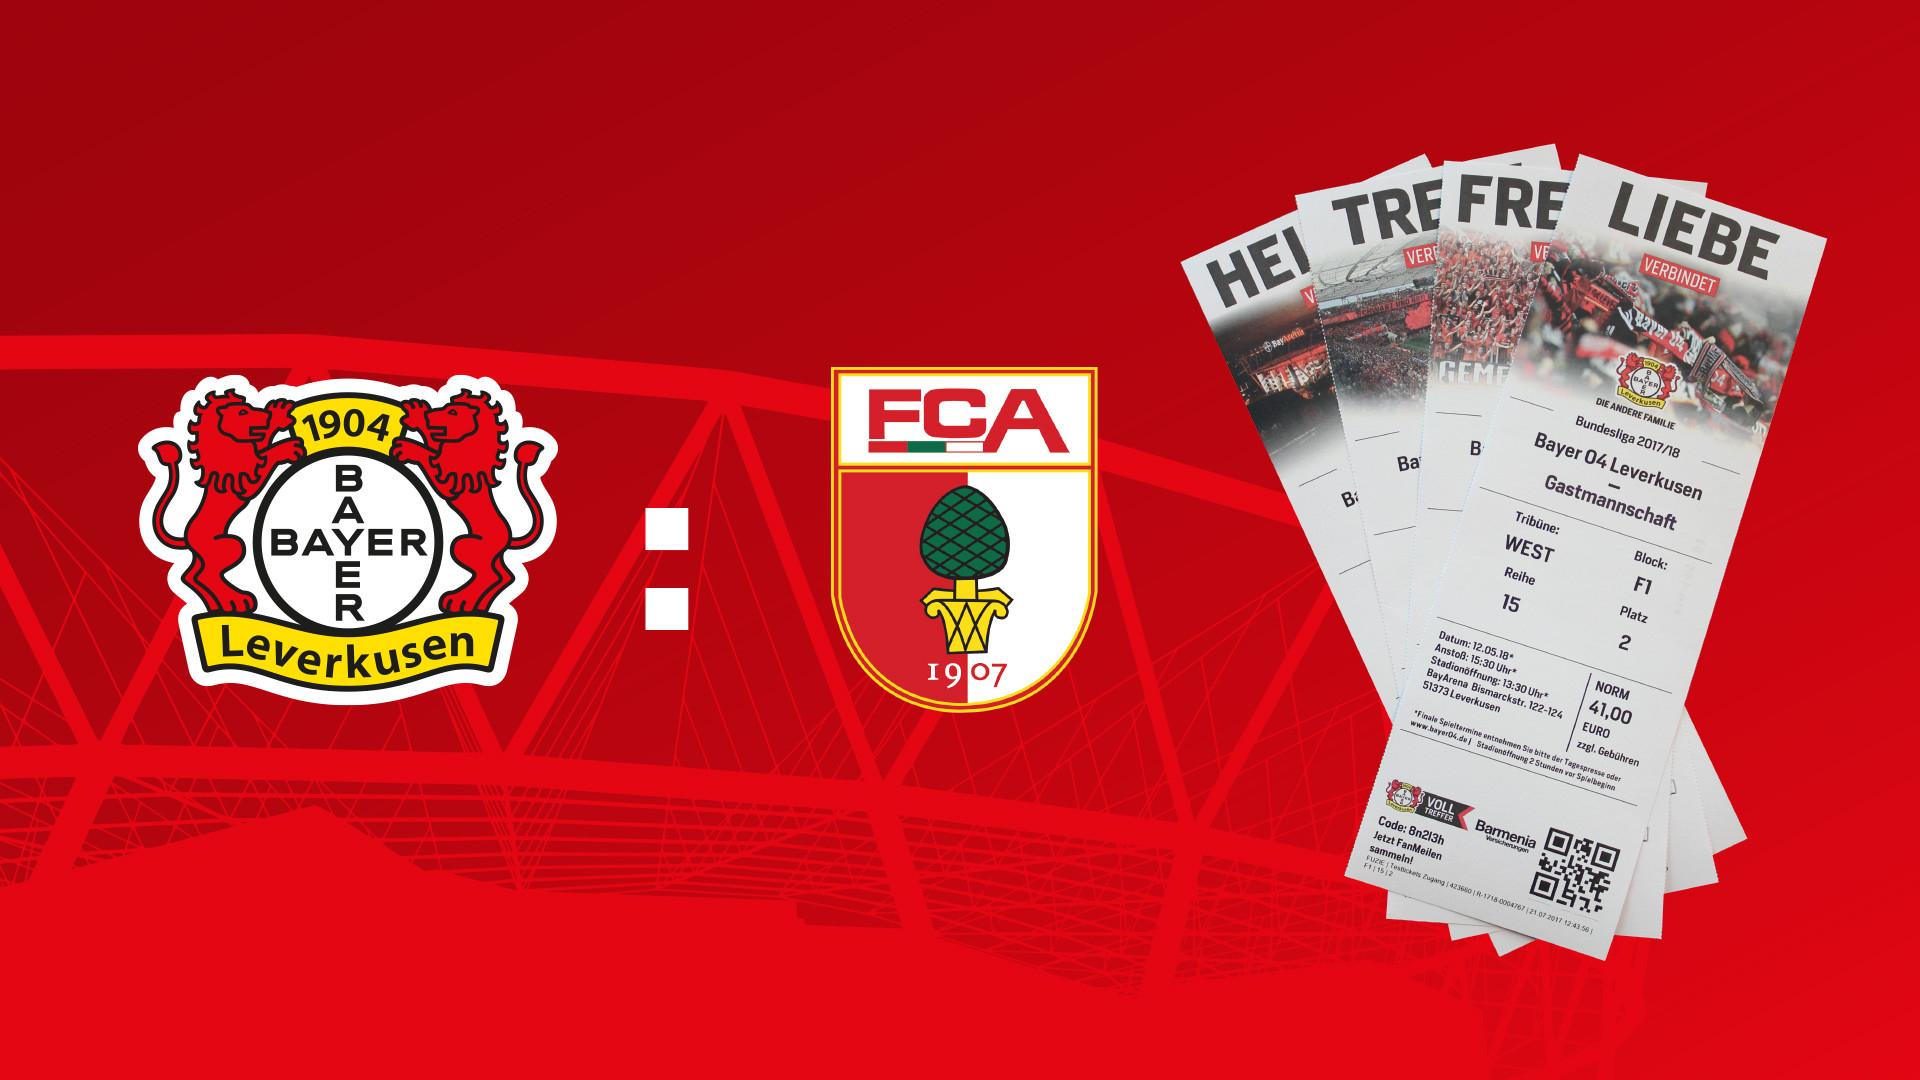 [ FANMILES ] 1 Ticket für Bayer Leverkusen - Augsburg für 5000 Punkte